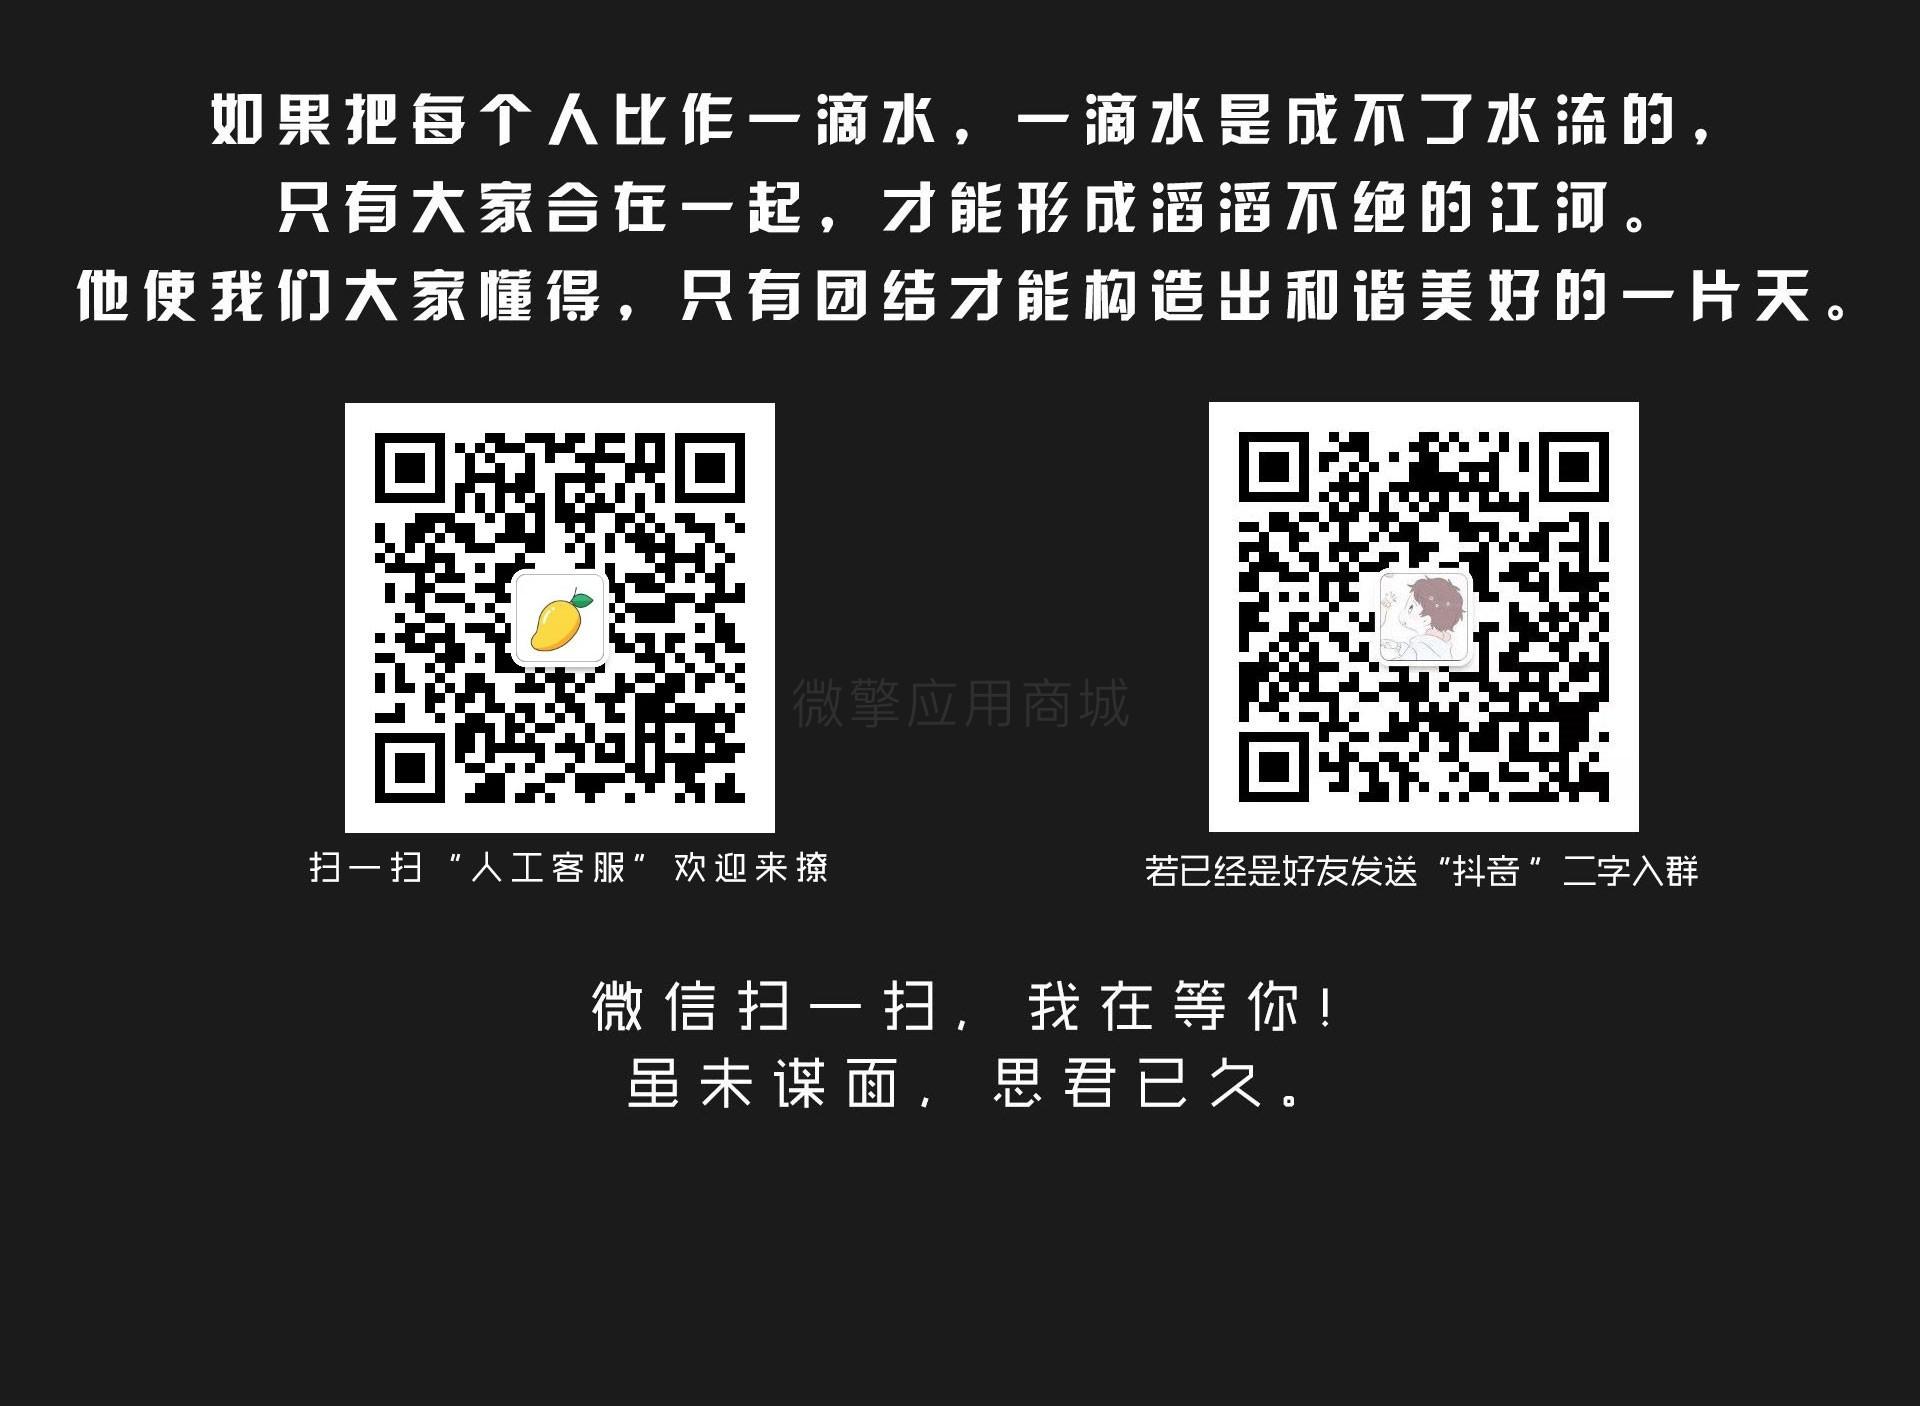 ZM介绍顶部_底部.jpg